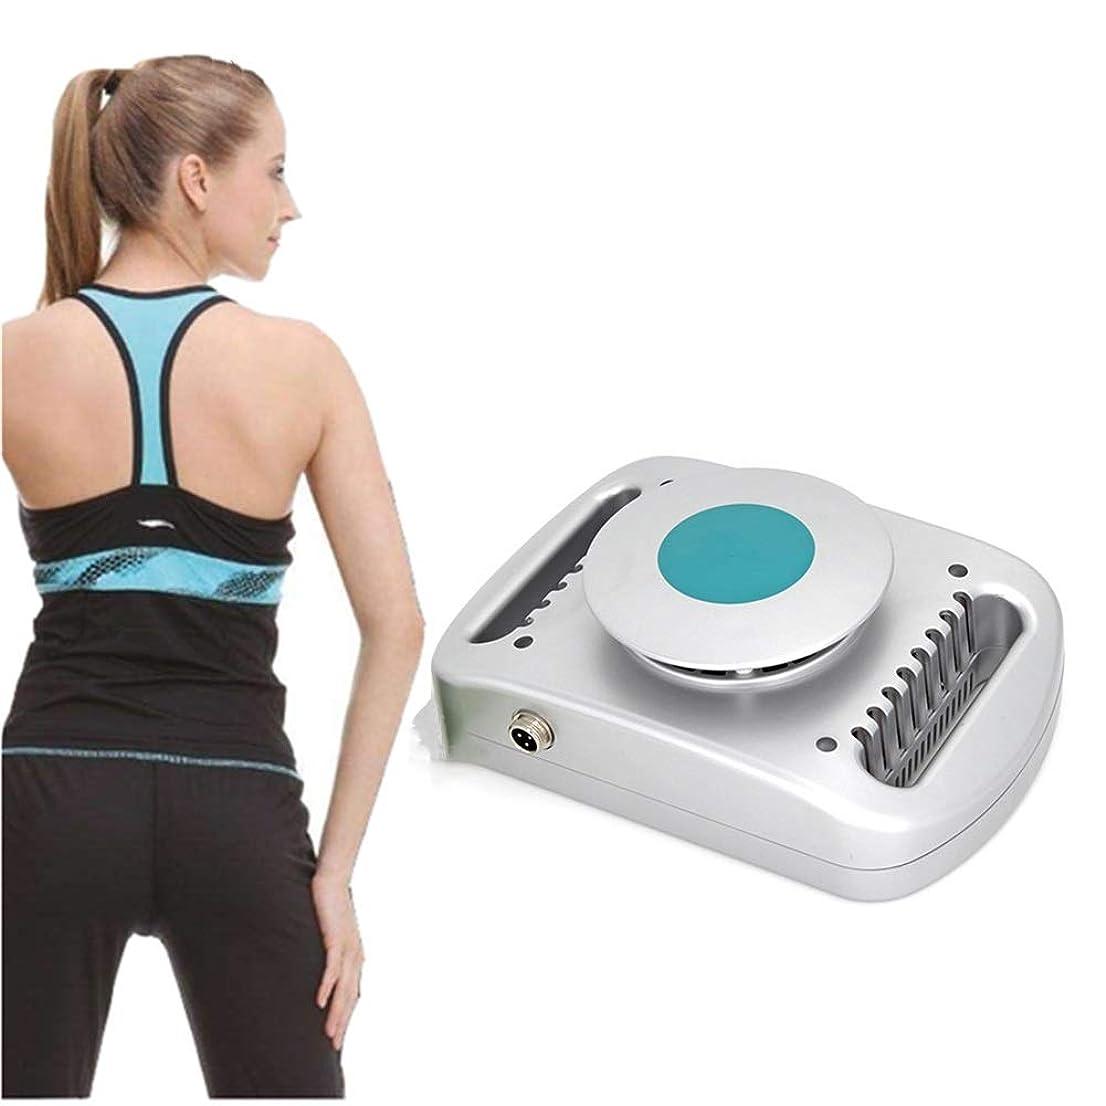 去る連続的理論調節可能な革紐を細くする腕、ウエスト、ヒップ、足の携帯用ボディ形の美装置のためのセルライトの余分な脂肪に対してのためのボディ溶ける細胞を細くする脂肪質の凍結